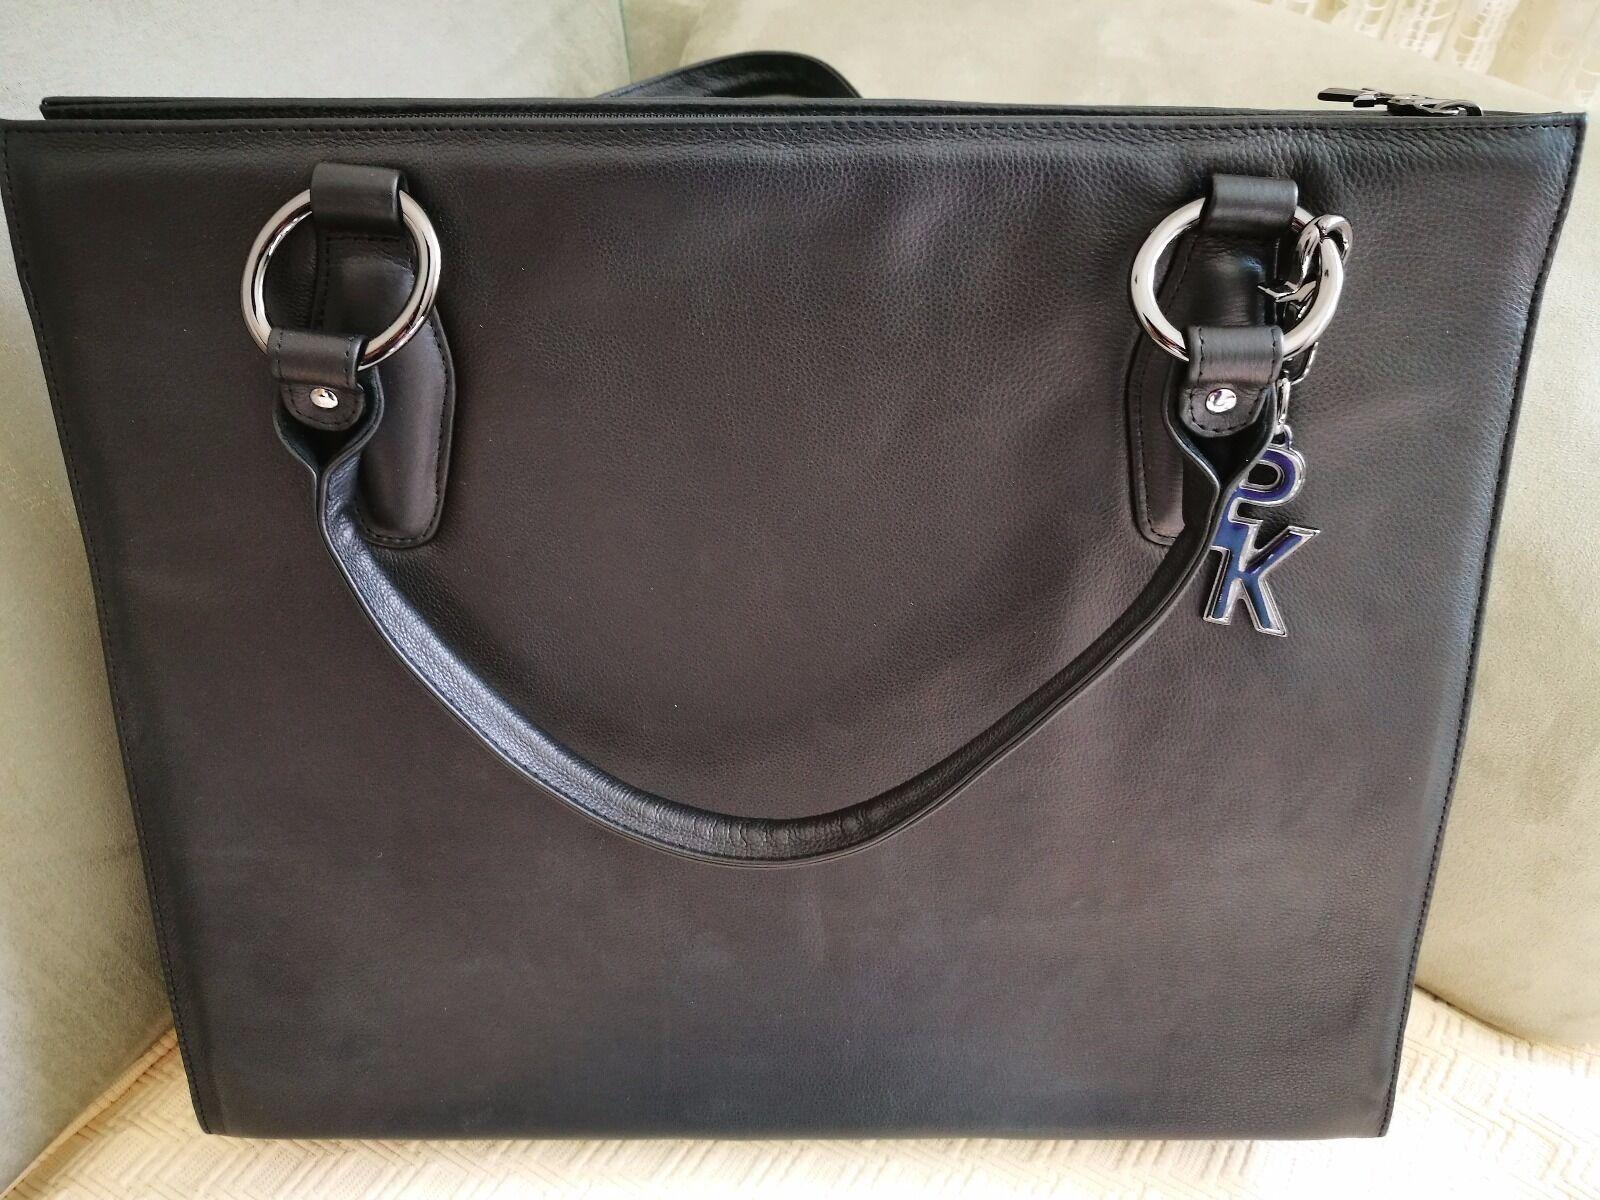 Schwarze Aktentasche   Business Bag  -  N E U  -  Leder   Peter Kaiser | New Products  | Maßstab ist der Grundstein, Qualität ist Säulenbalken, Preis ist Leiter  | Deutschland Shops